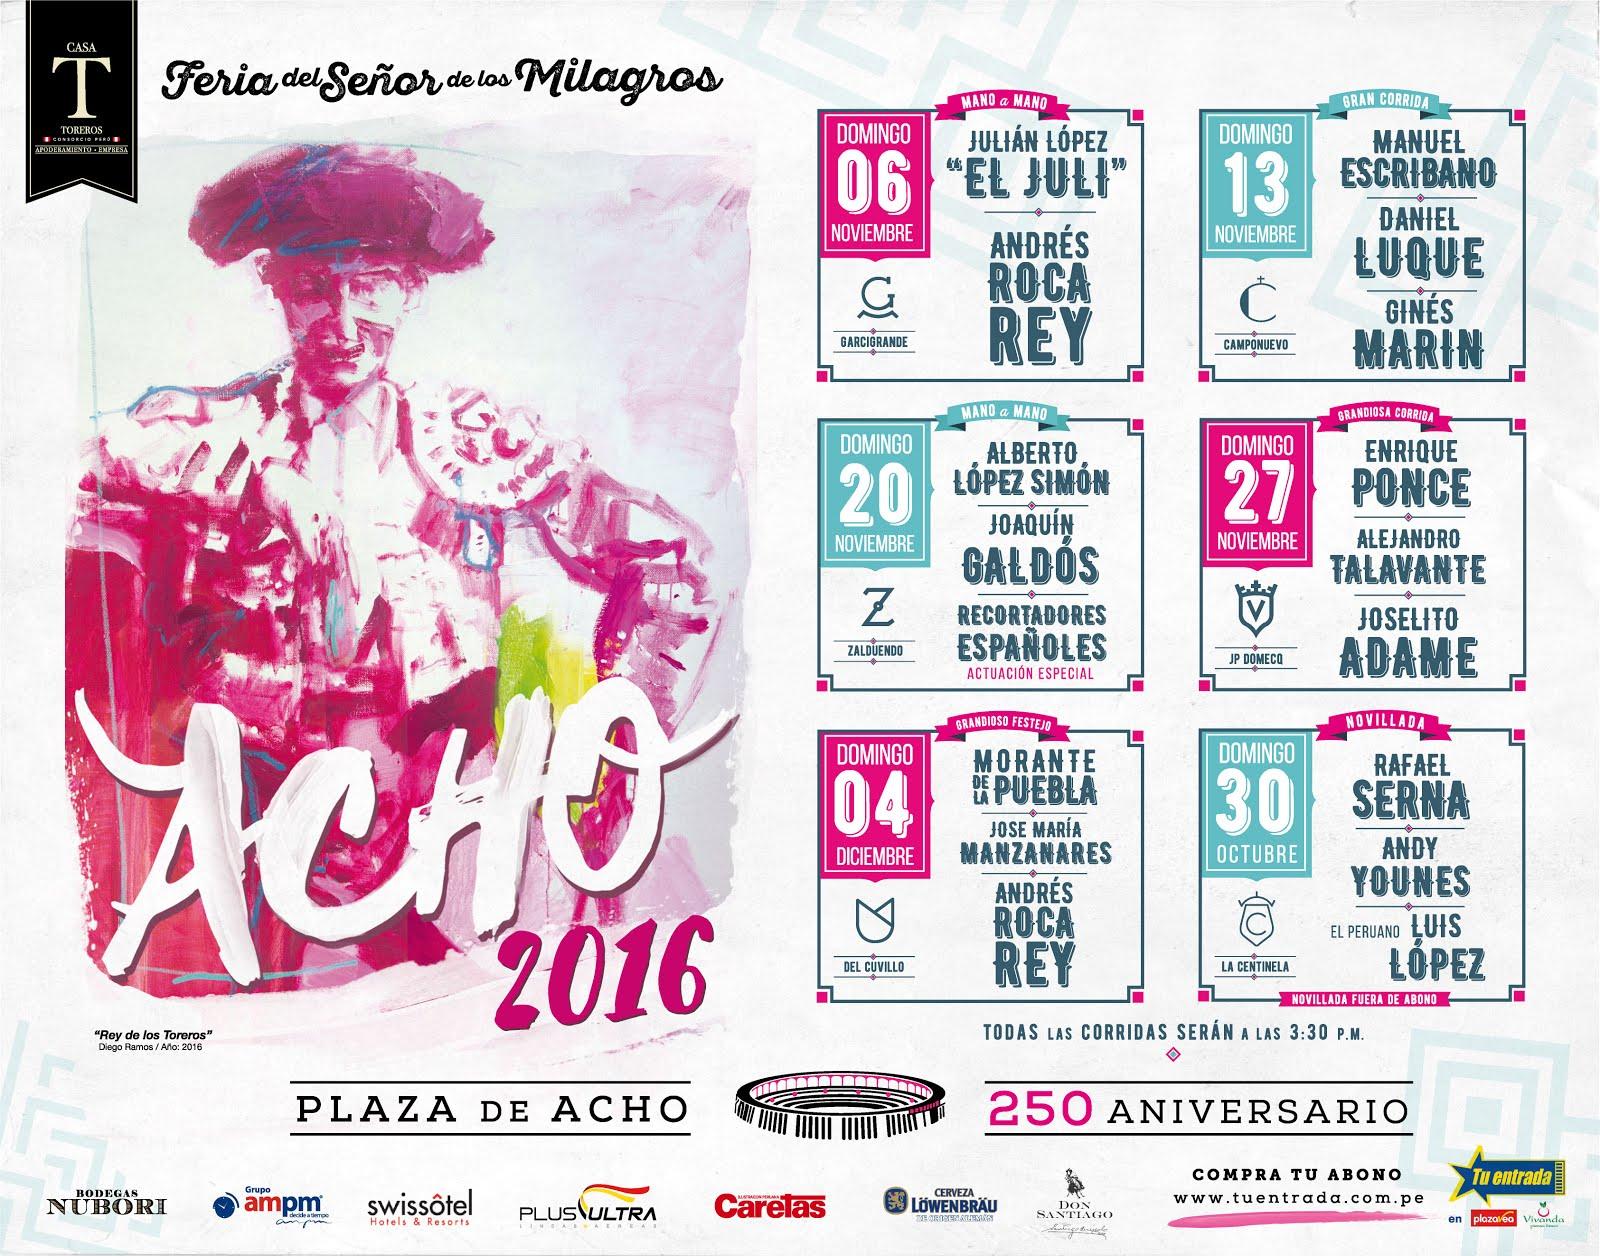 CARTELES DE ACHO 2016